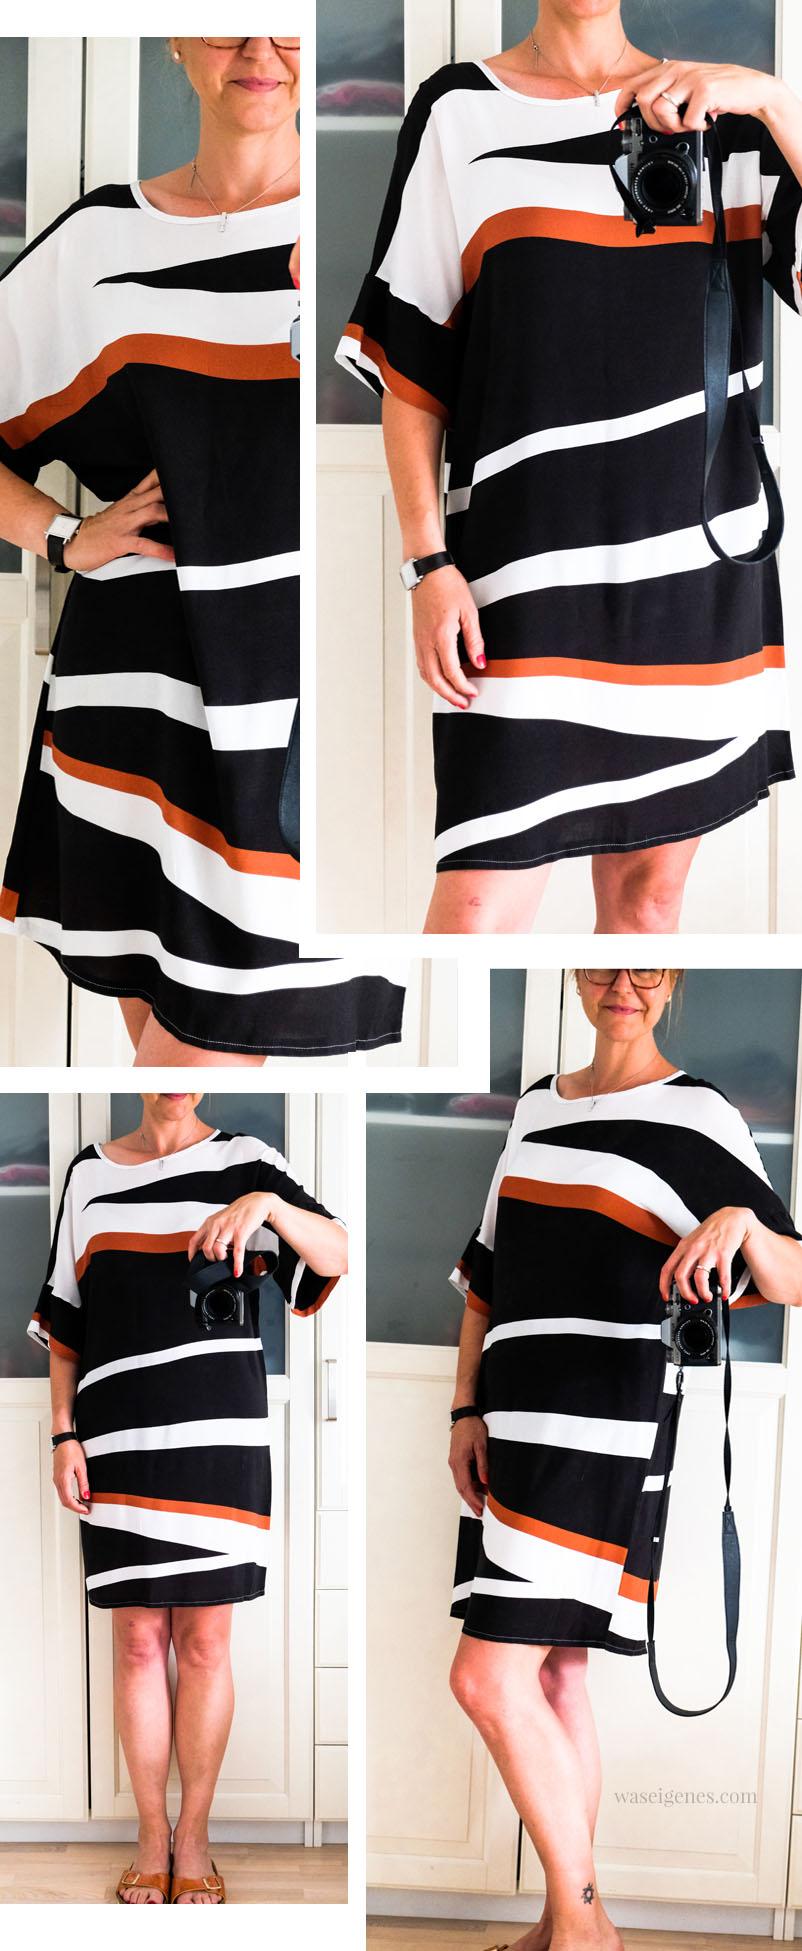 DIY Sommerkleid | selbst genähtes Sommerkleid aus Blockstreifen Viskose | waseigenes.com